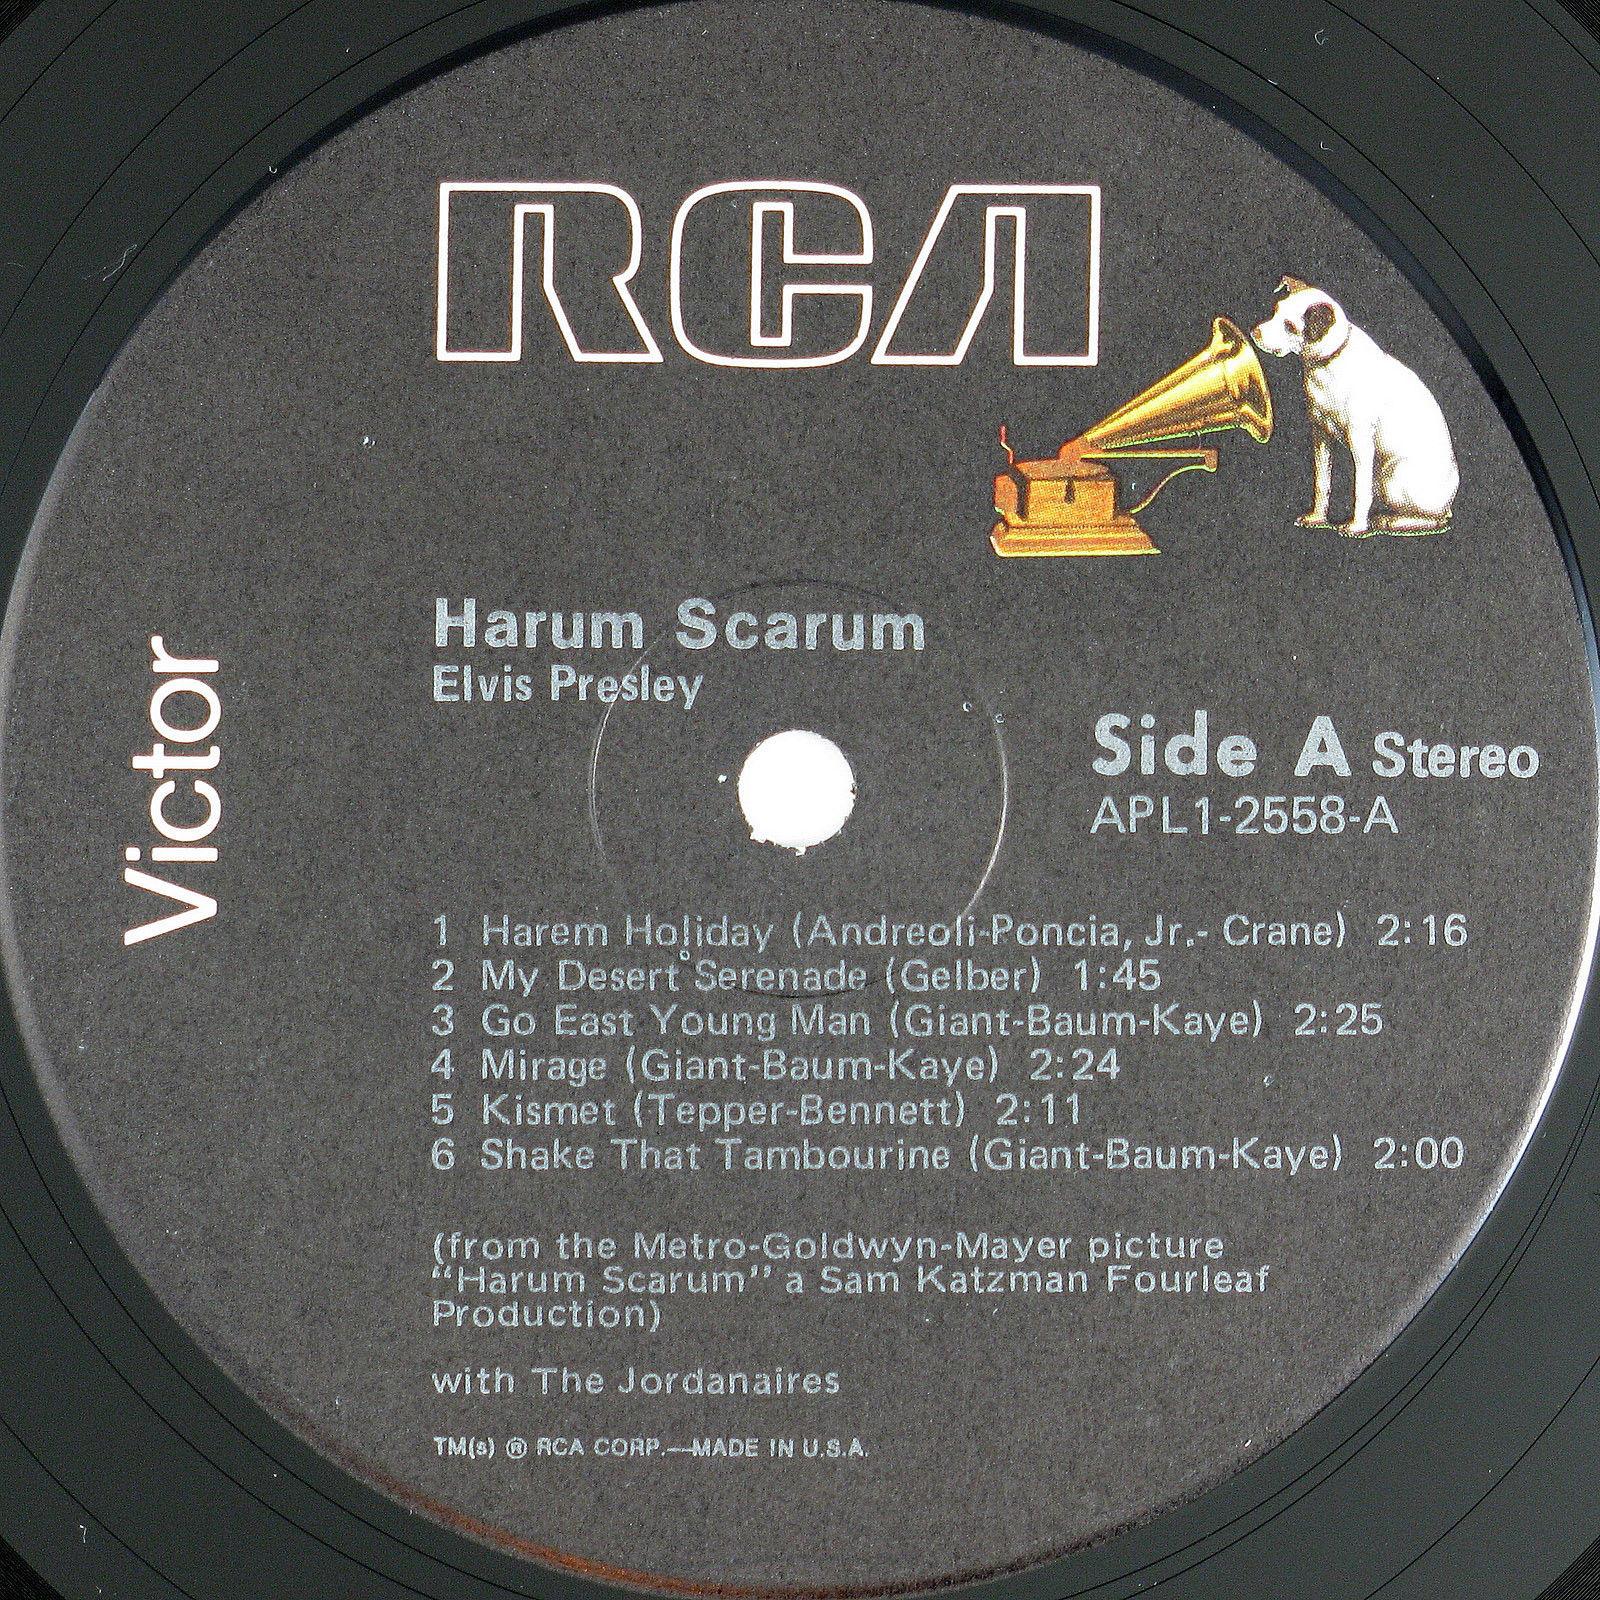 HARUM SCARUM Apl1-2558ckuiq3